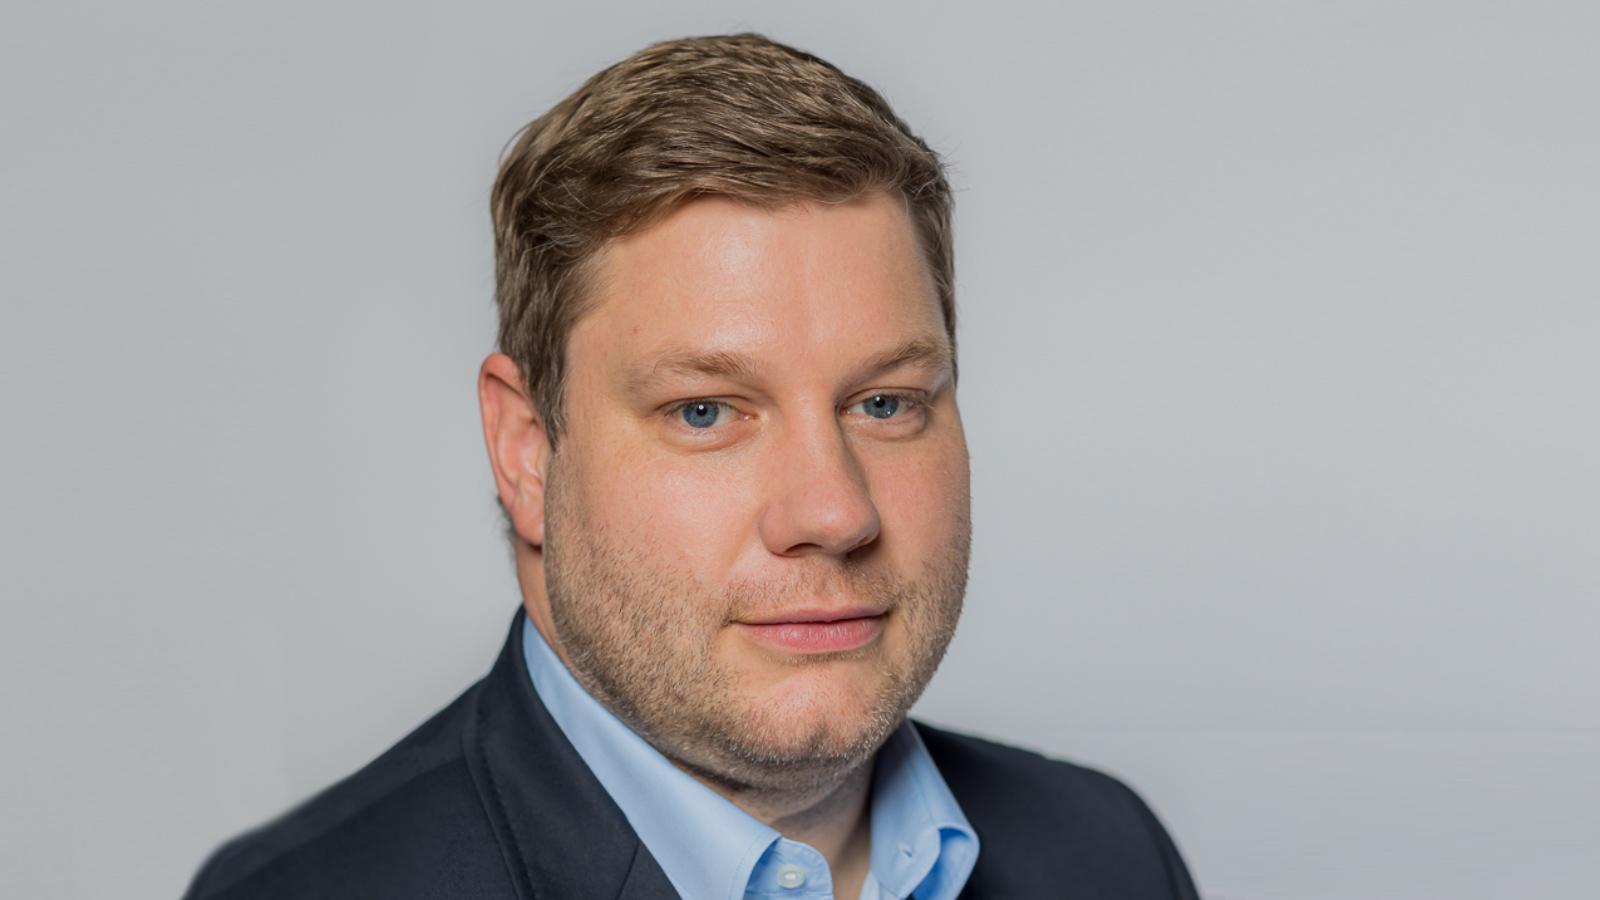 WYBOROWA z nowym Dyrektorem Marketingu Wyborowa Pernod Ricard mediarun Craig Van Niekerk wyborowa 2019